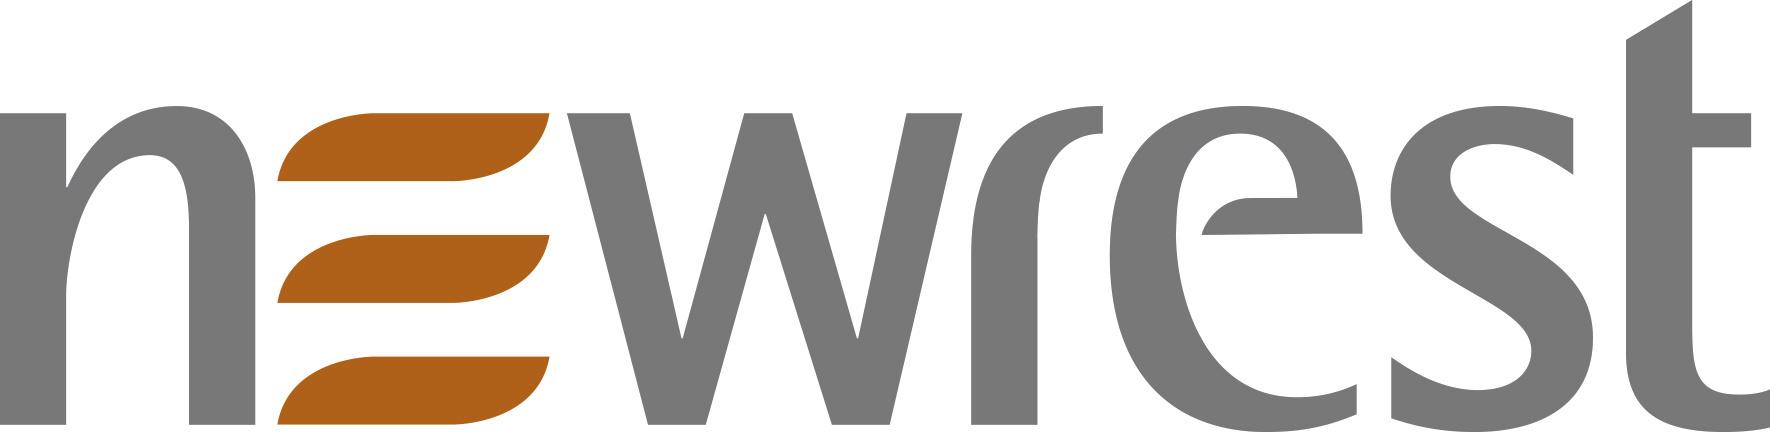 Logo-Newrest-ColorCMYK